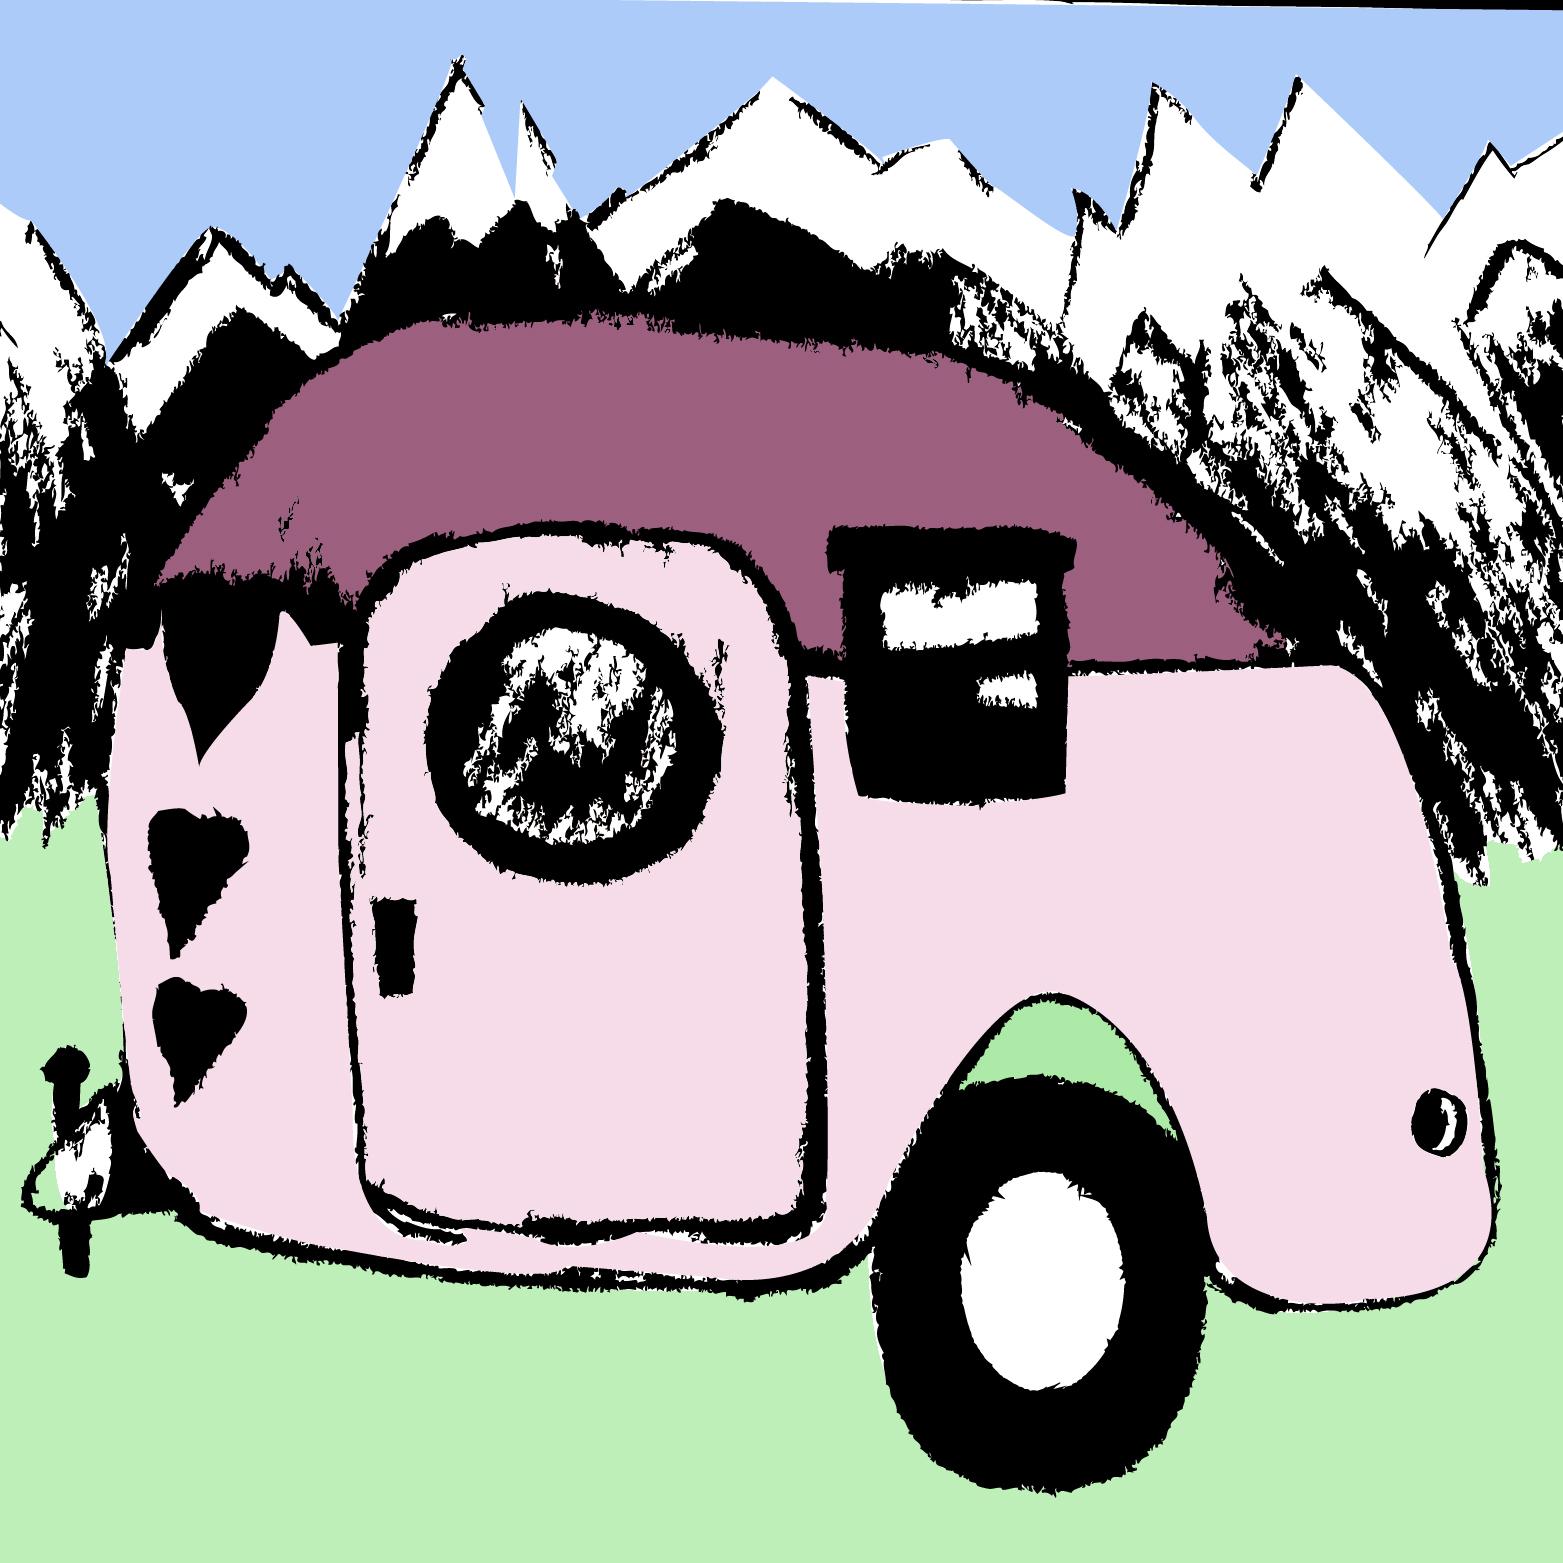 Illustratie camper - illustrator Dots & Lines - Tilburg